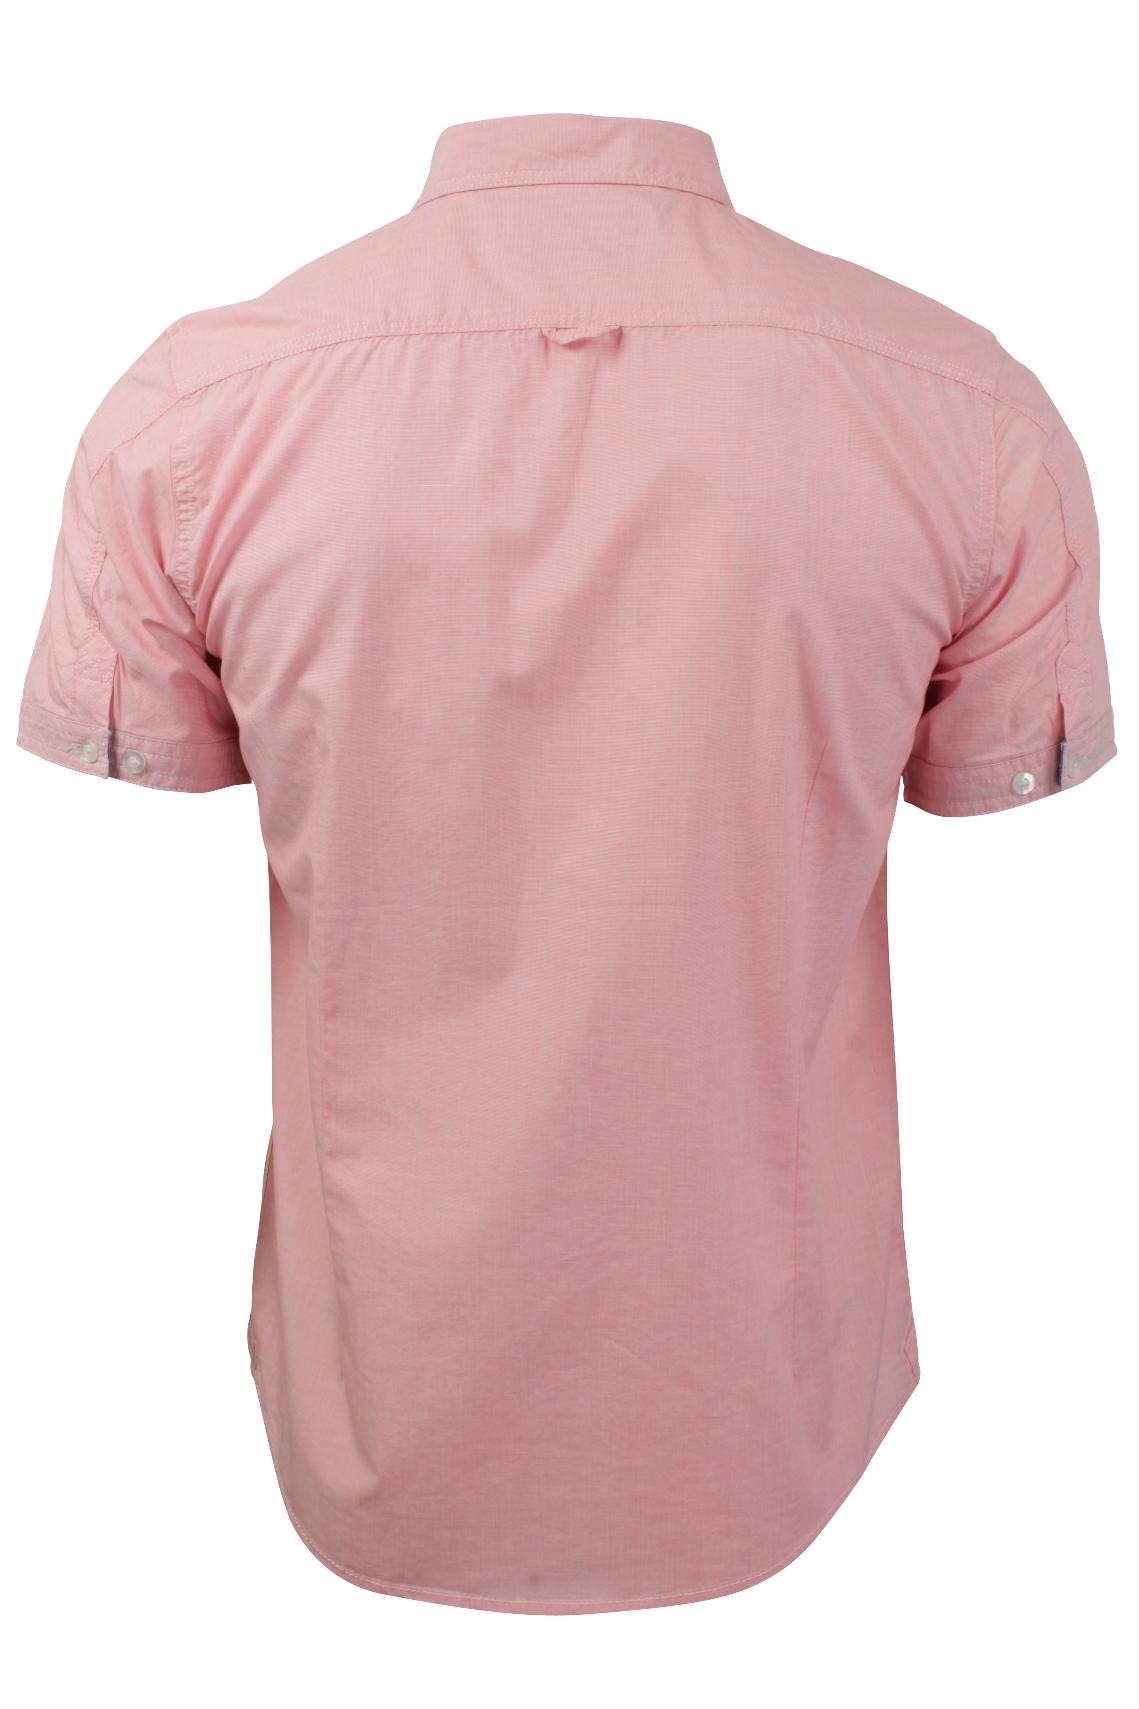 Mens-Shirt-by-Tokyo-Laundry-Short-Sleeved thumbnail 11